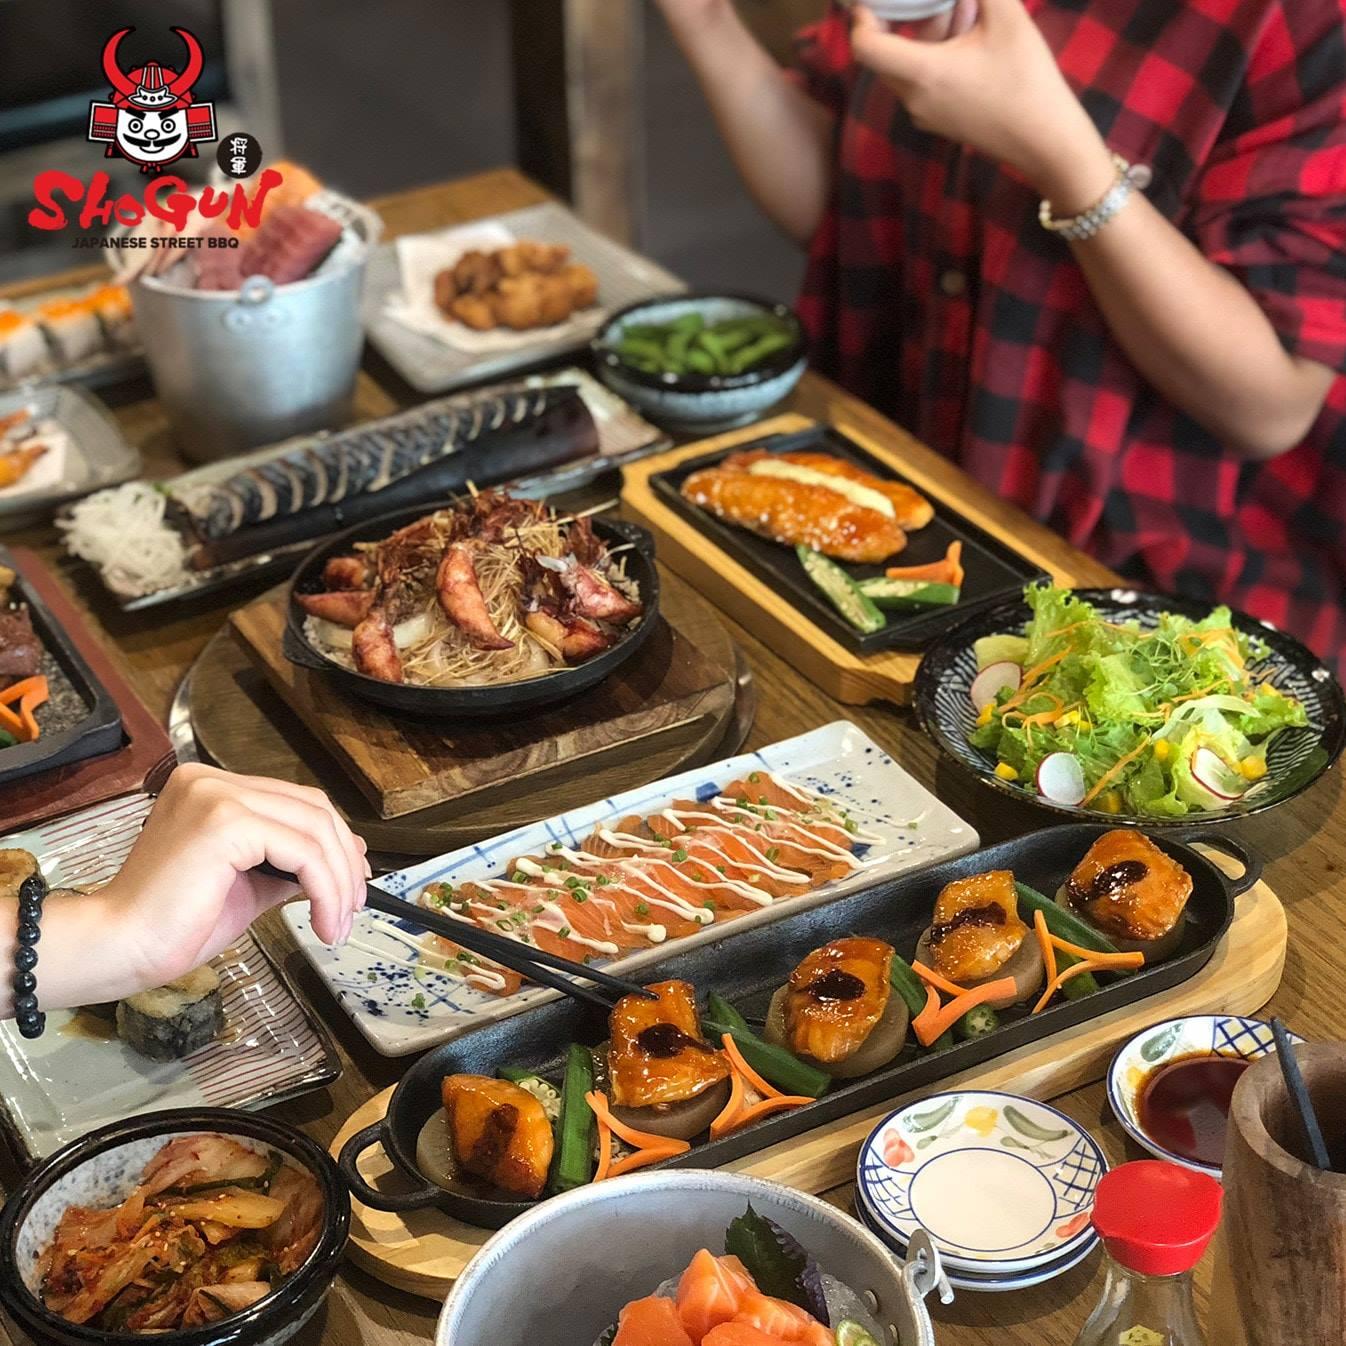 Shogun món ăn